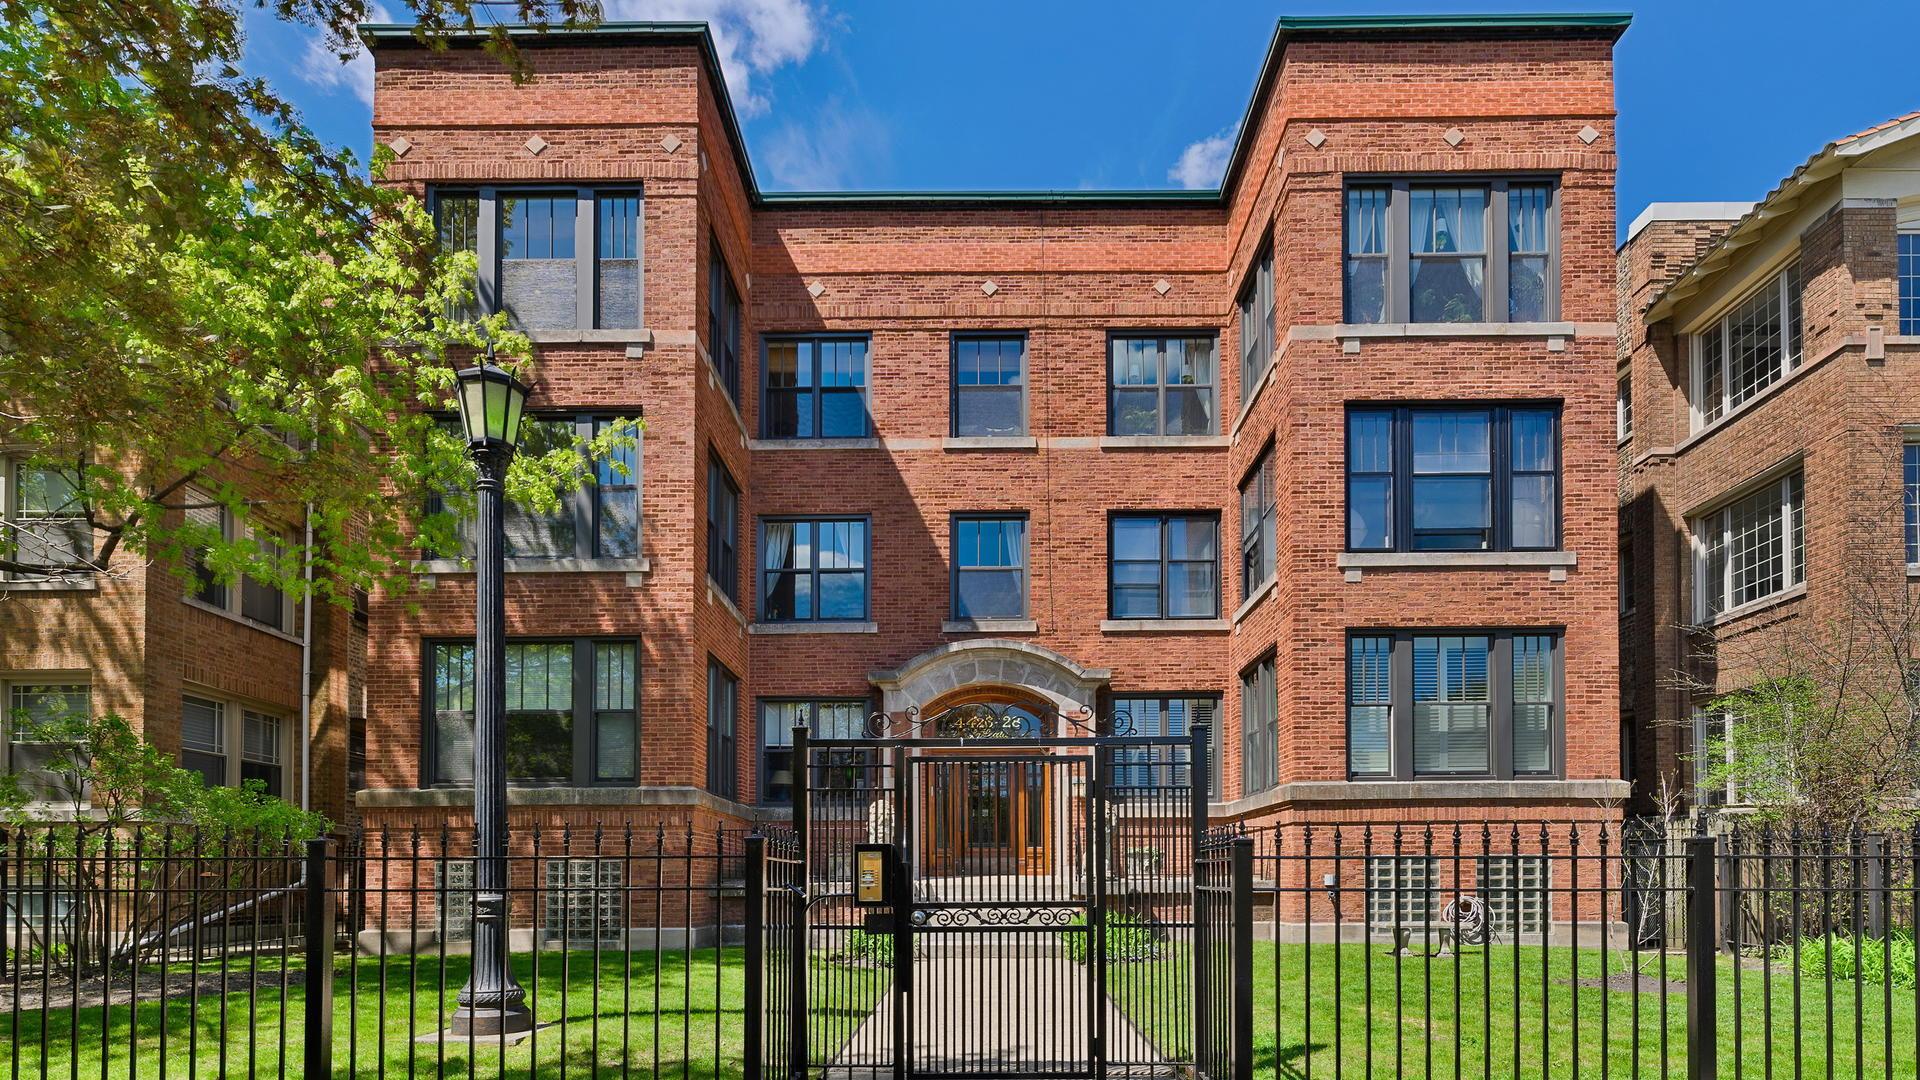 4426 North MALDEN Street, Chicago Uptown, Illinois